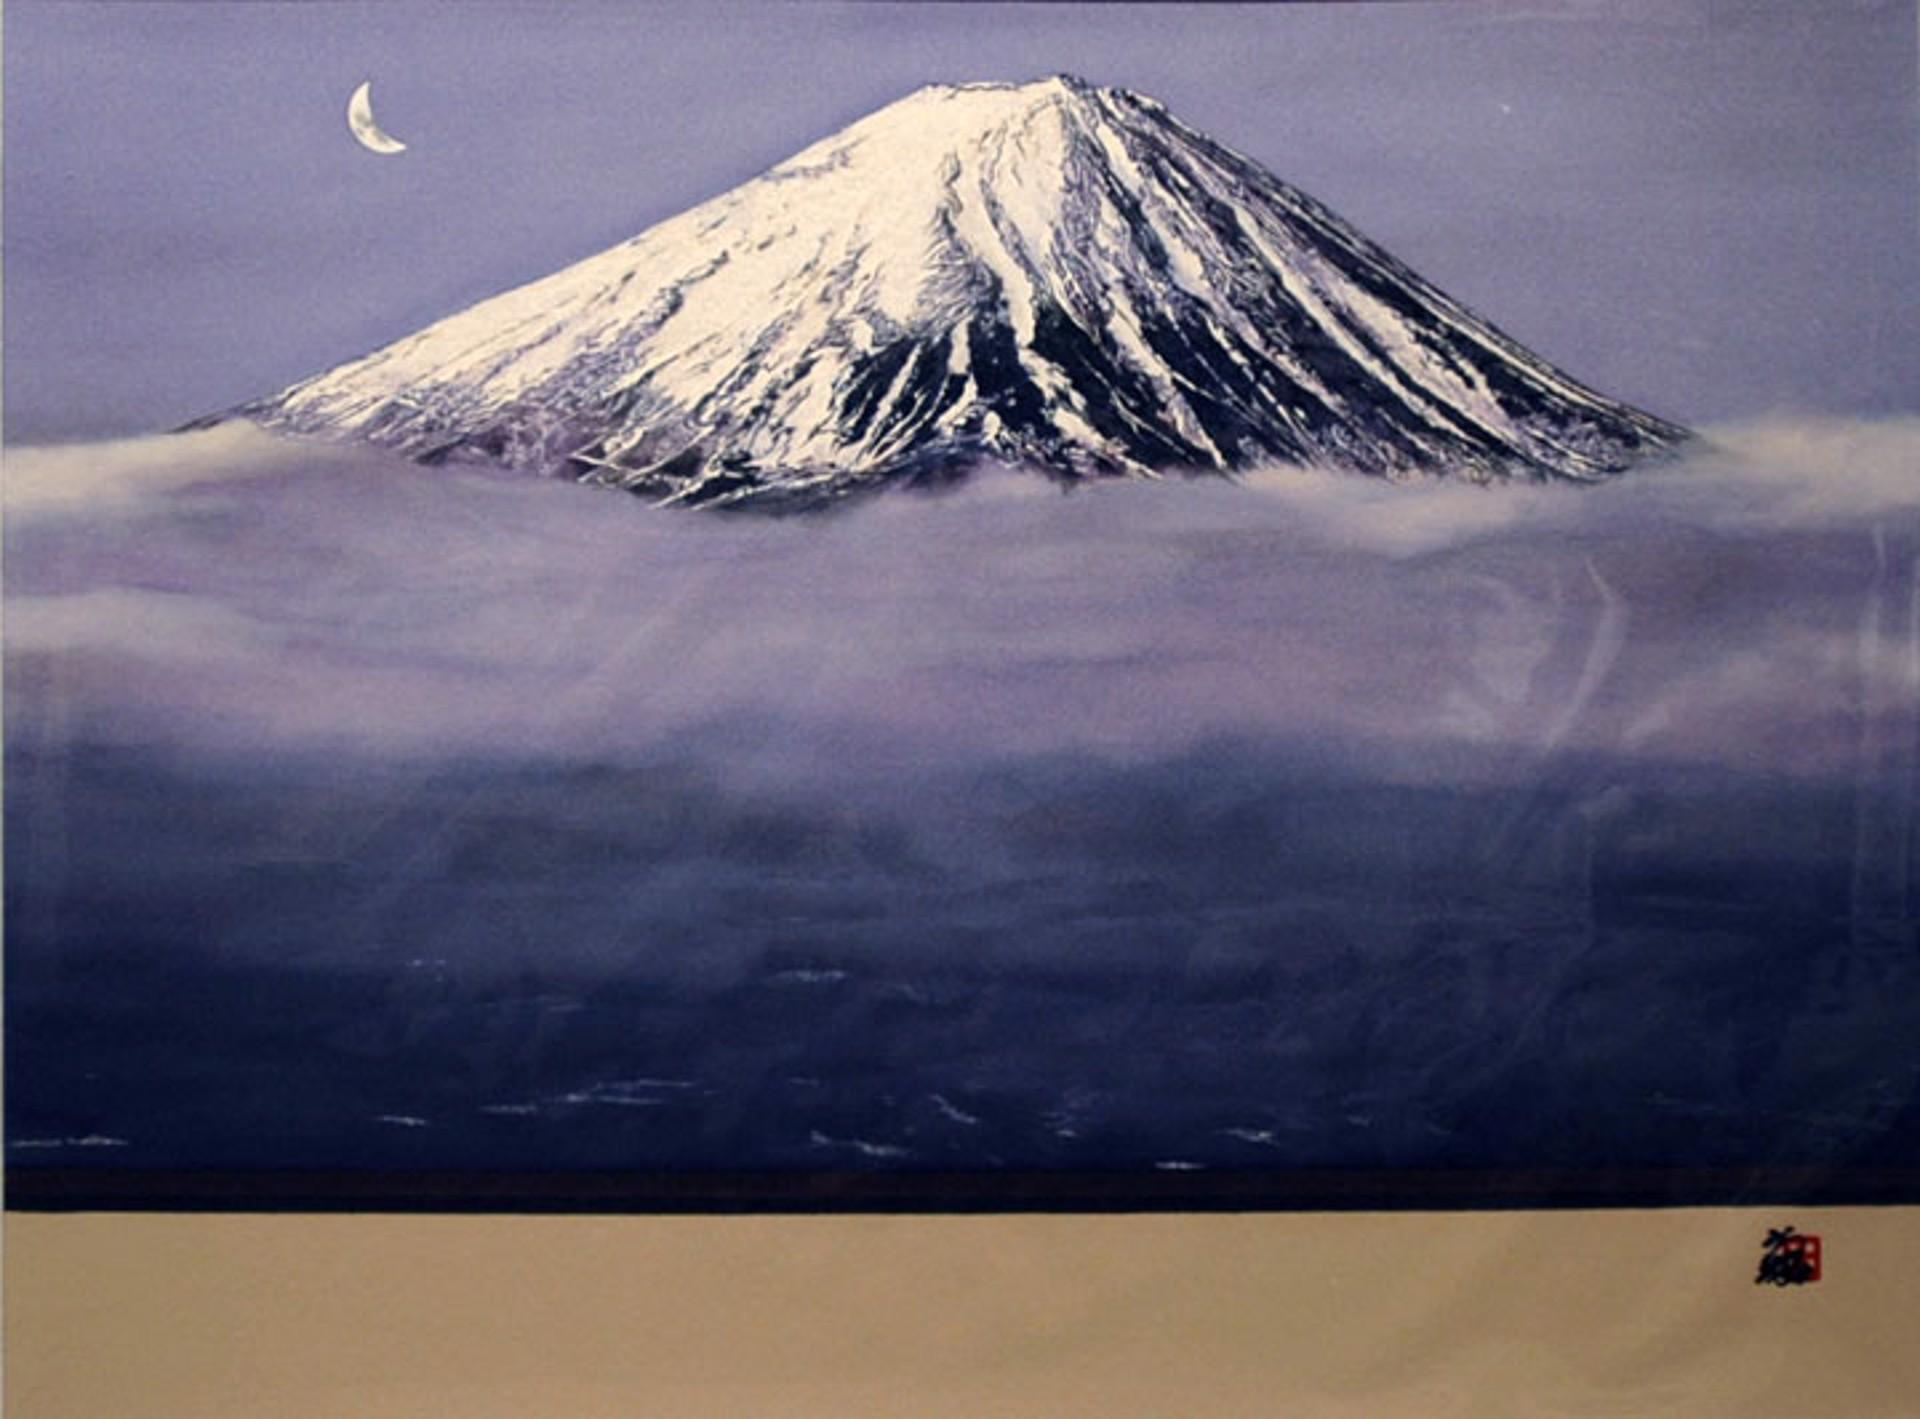 Crescent Moon Over Mt. Fuji by Hisashi Otsuka